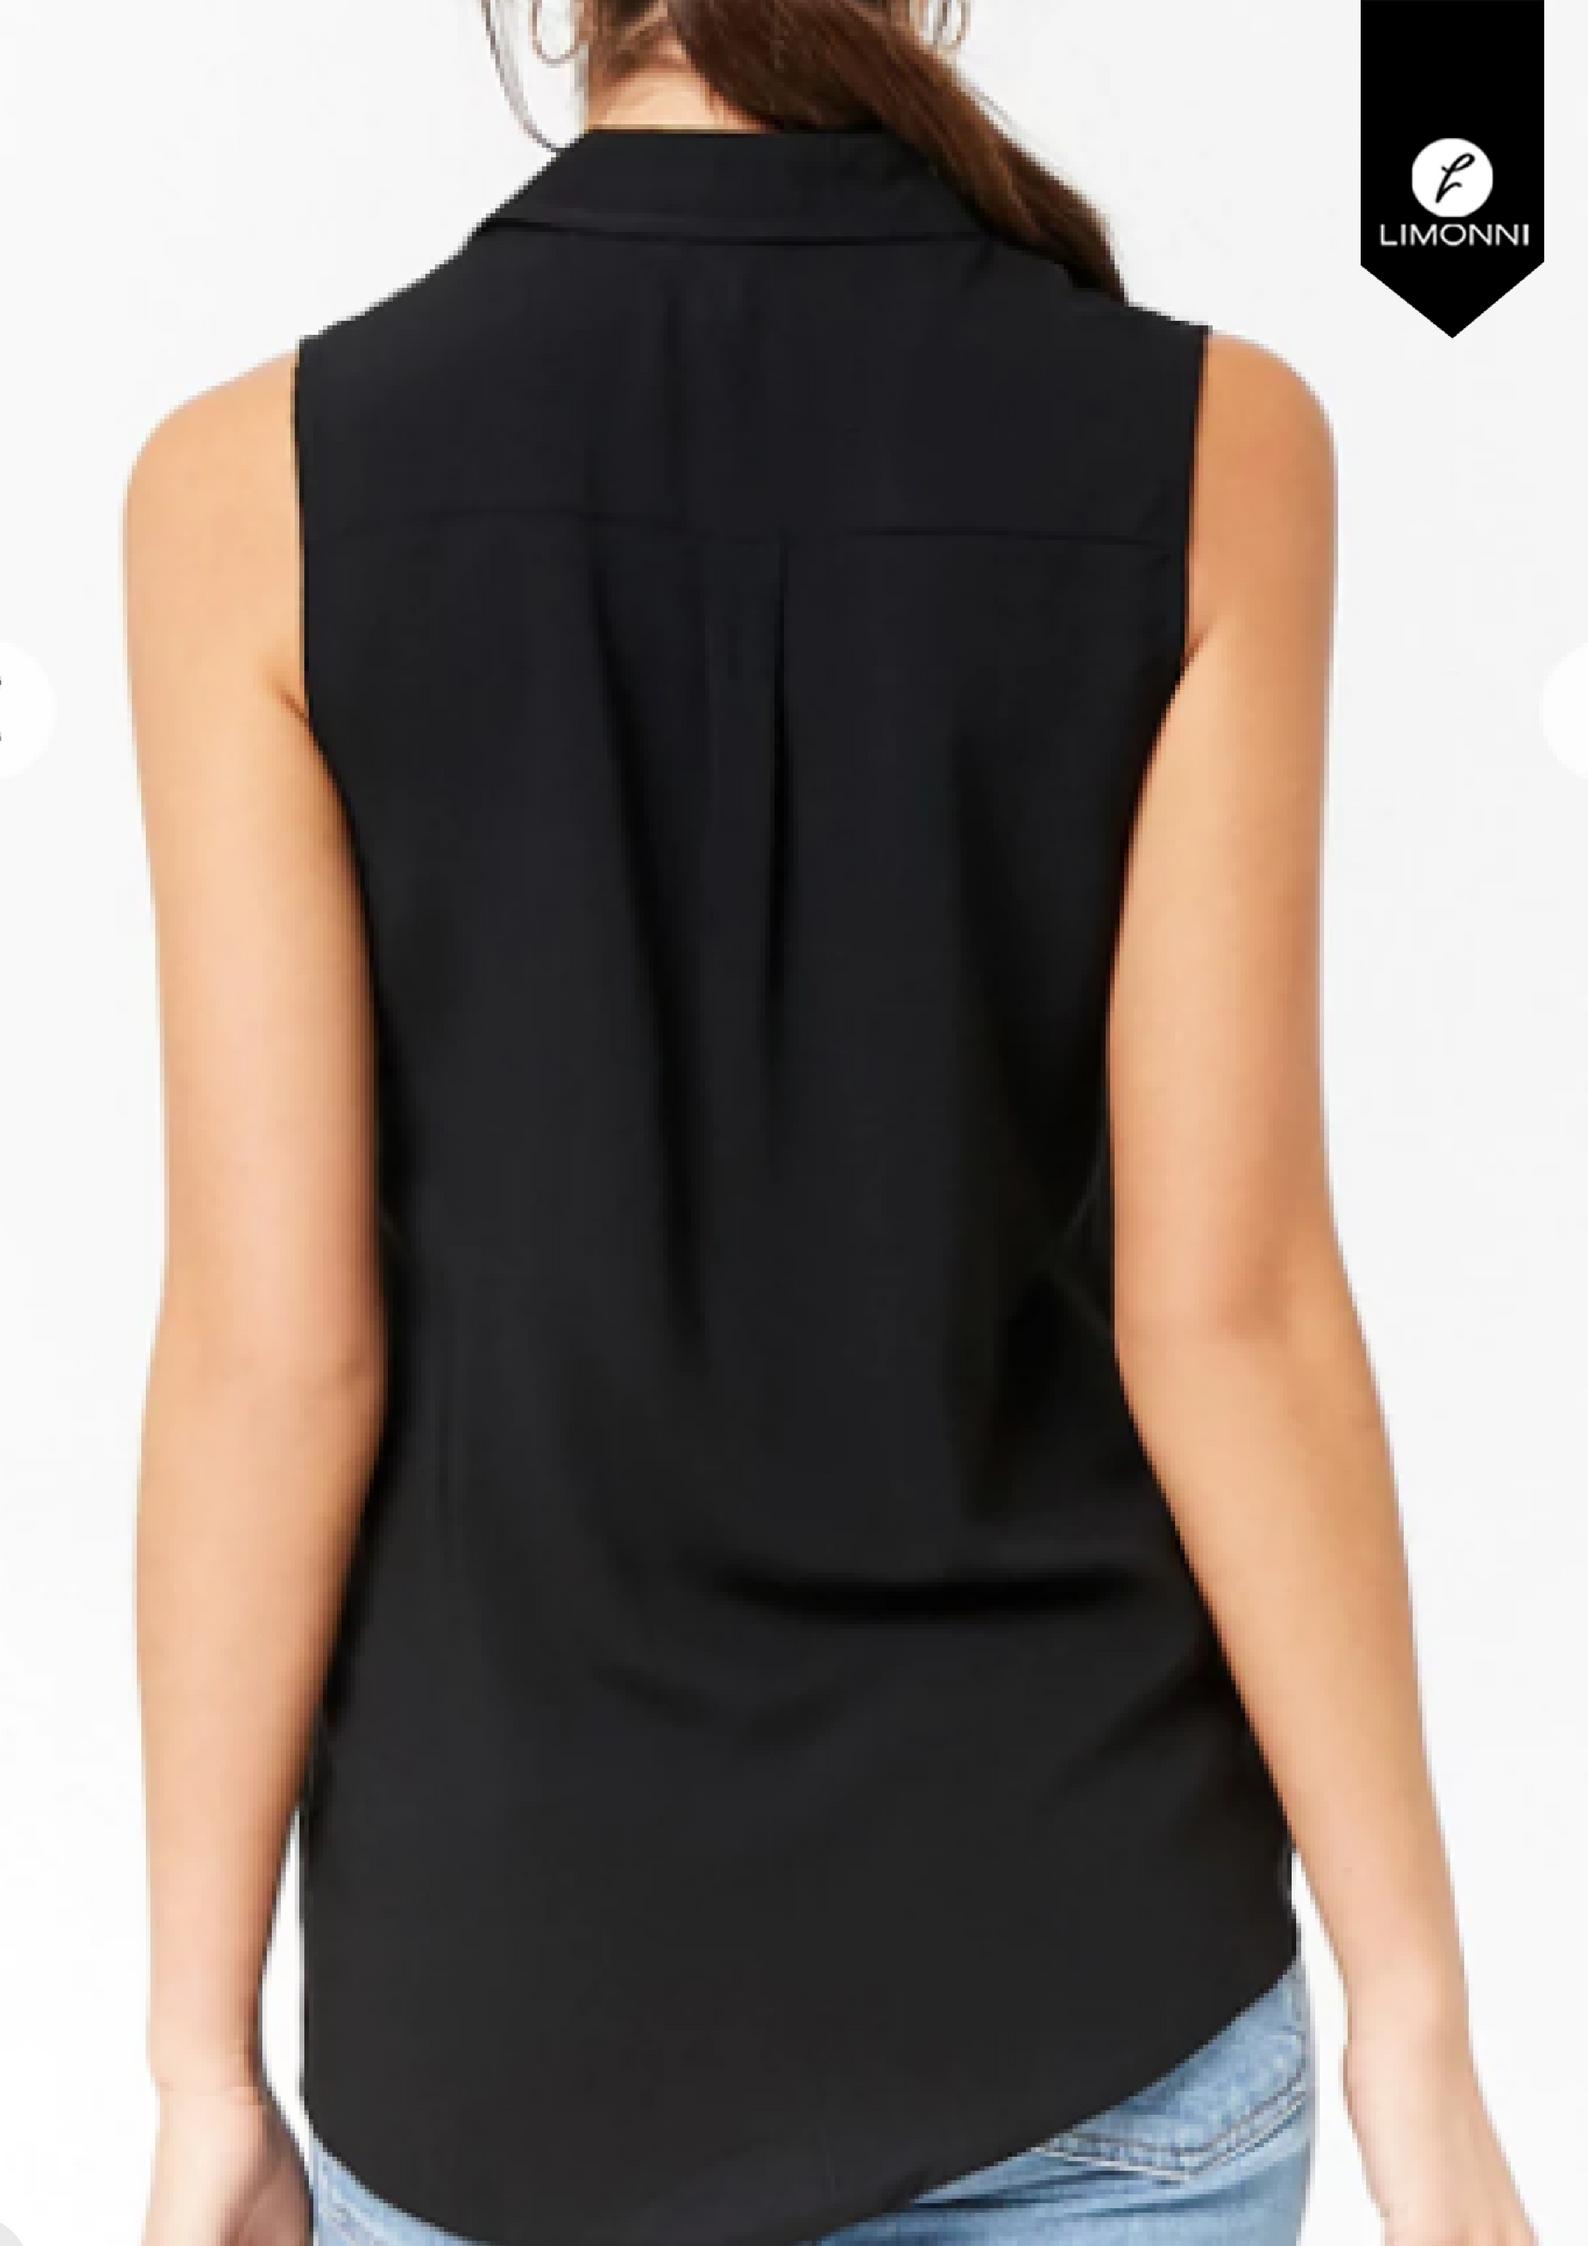 Blusas para mujer Limonni Novalee LI1554 Camiseras